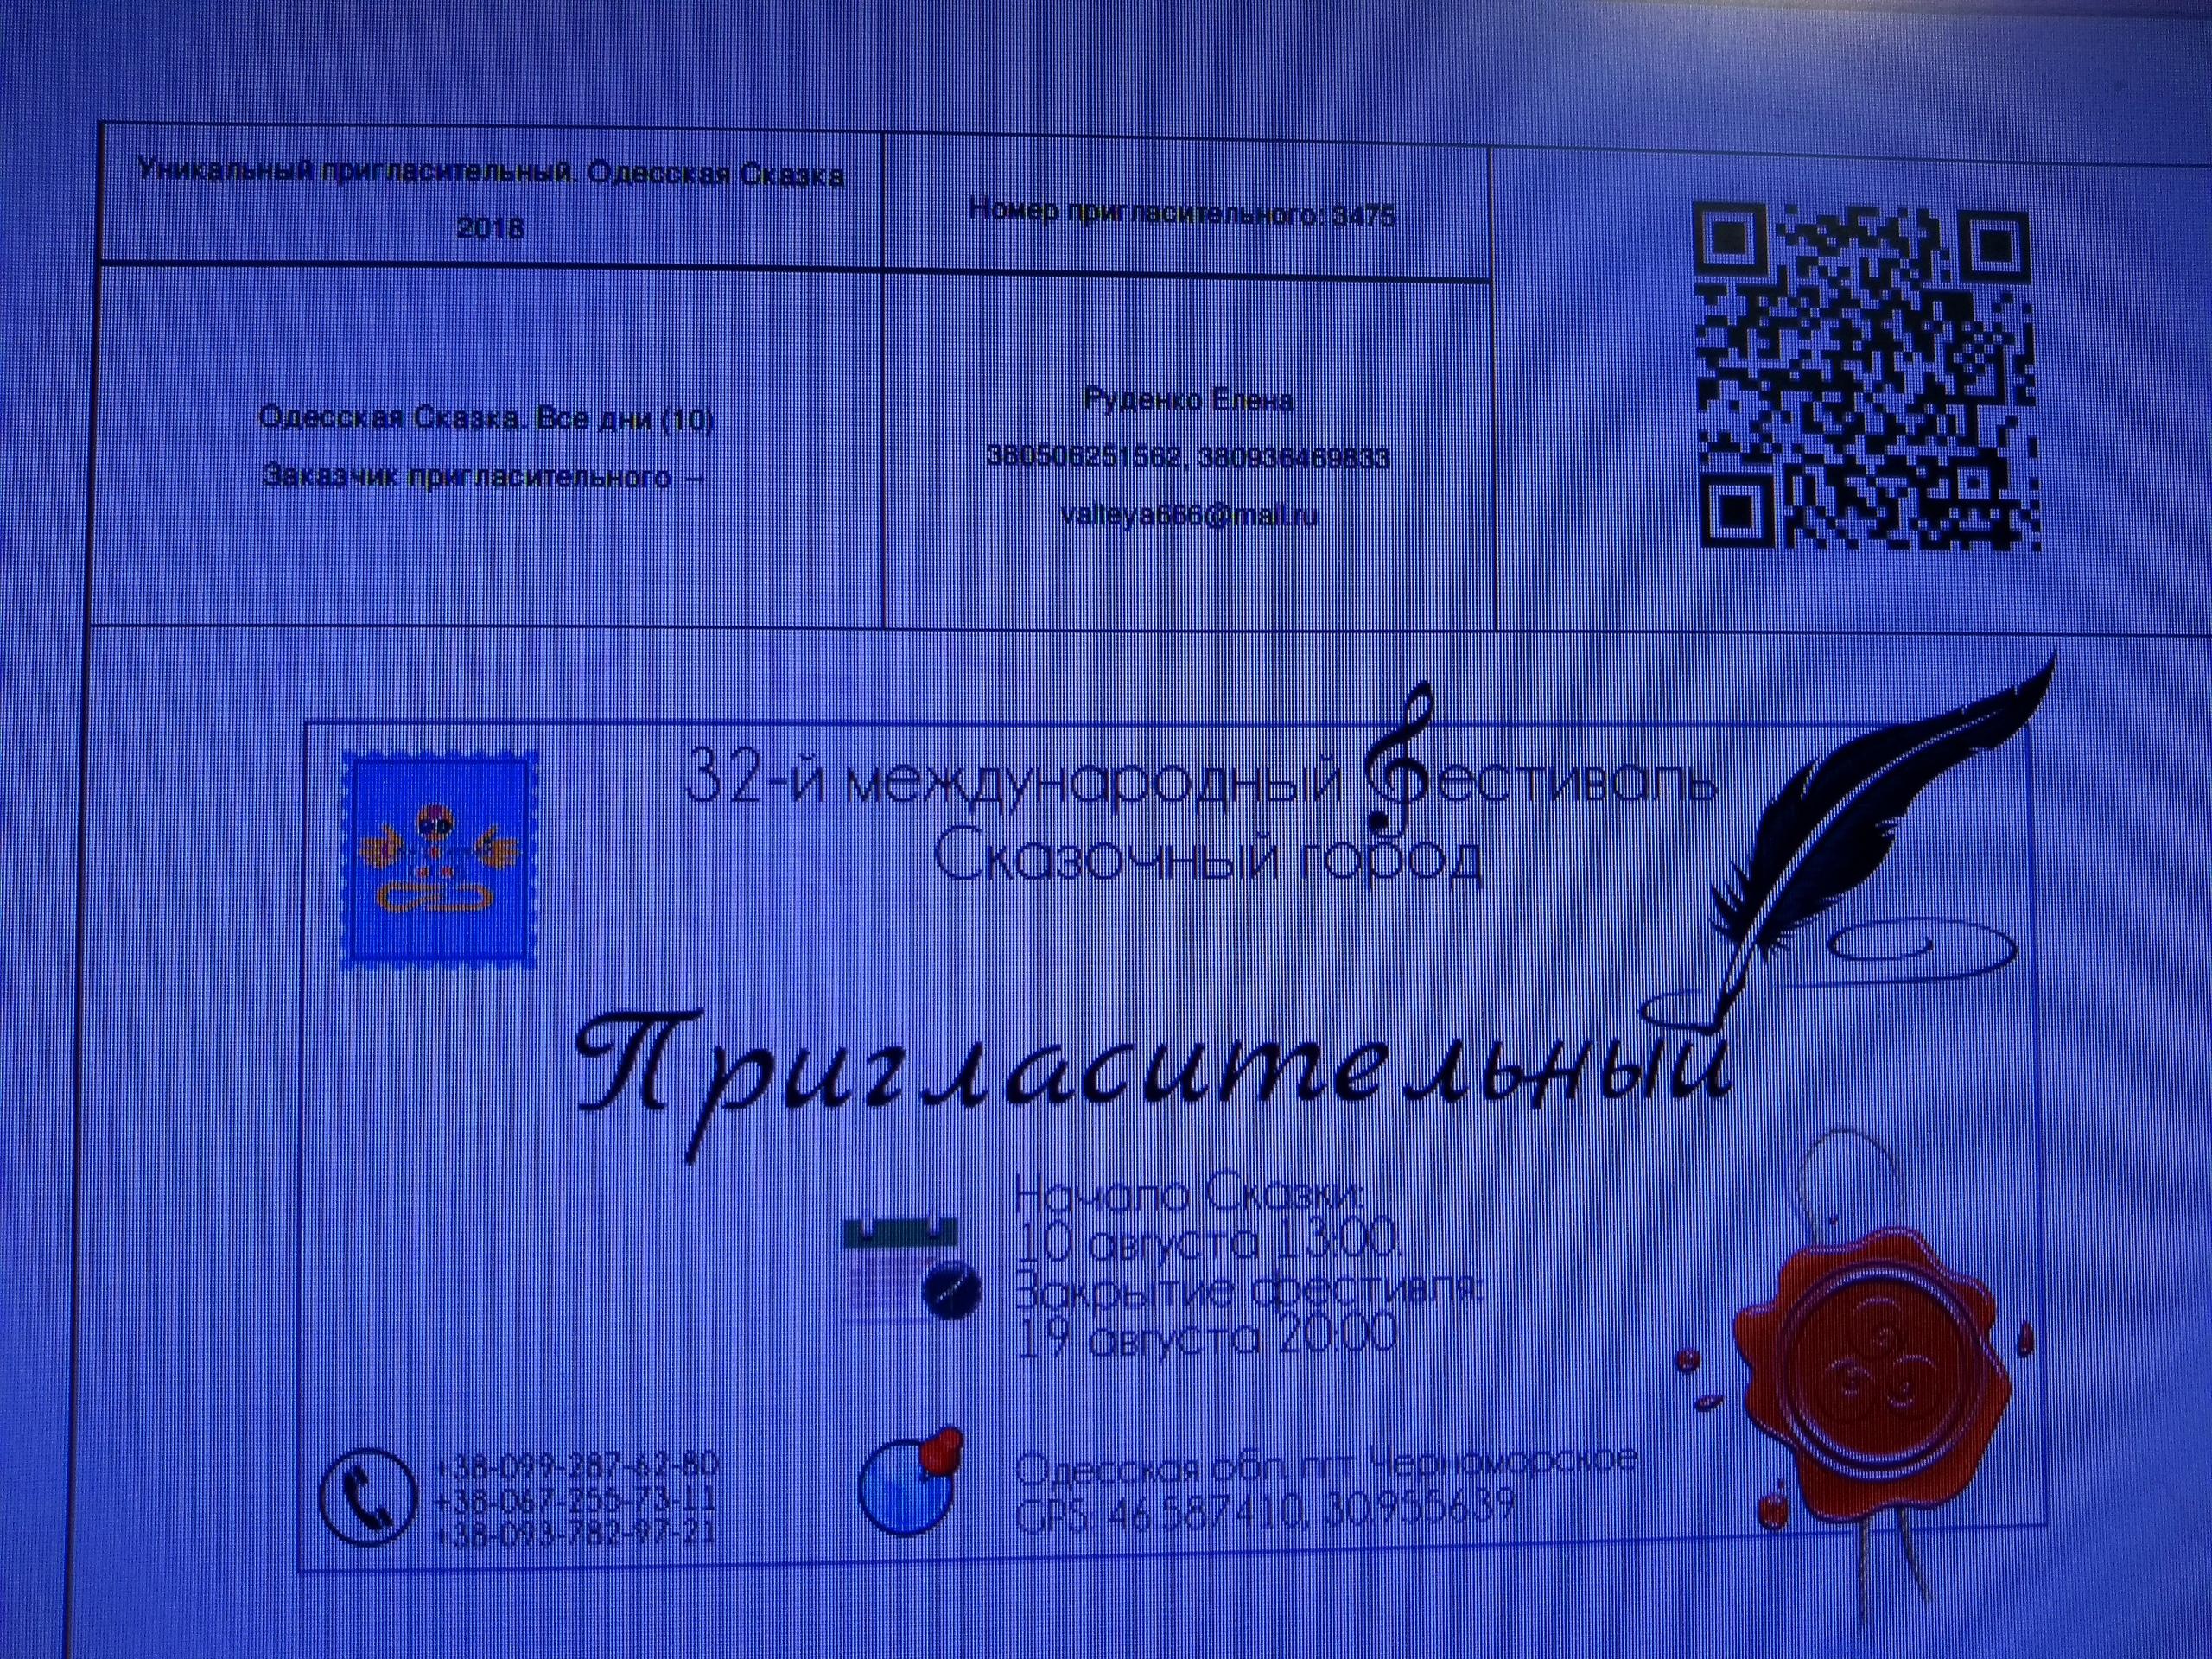 Елена Руденко (Валтея). Эзотерический фестиваль. Одесская сказка 2018 г. - Страница 7 QcfhJbjdBTE